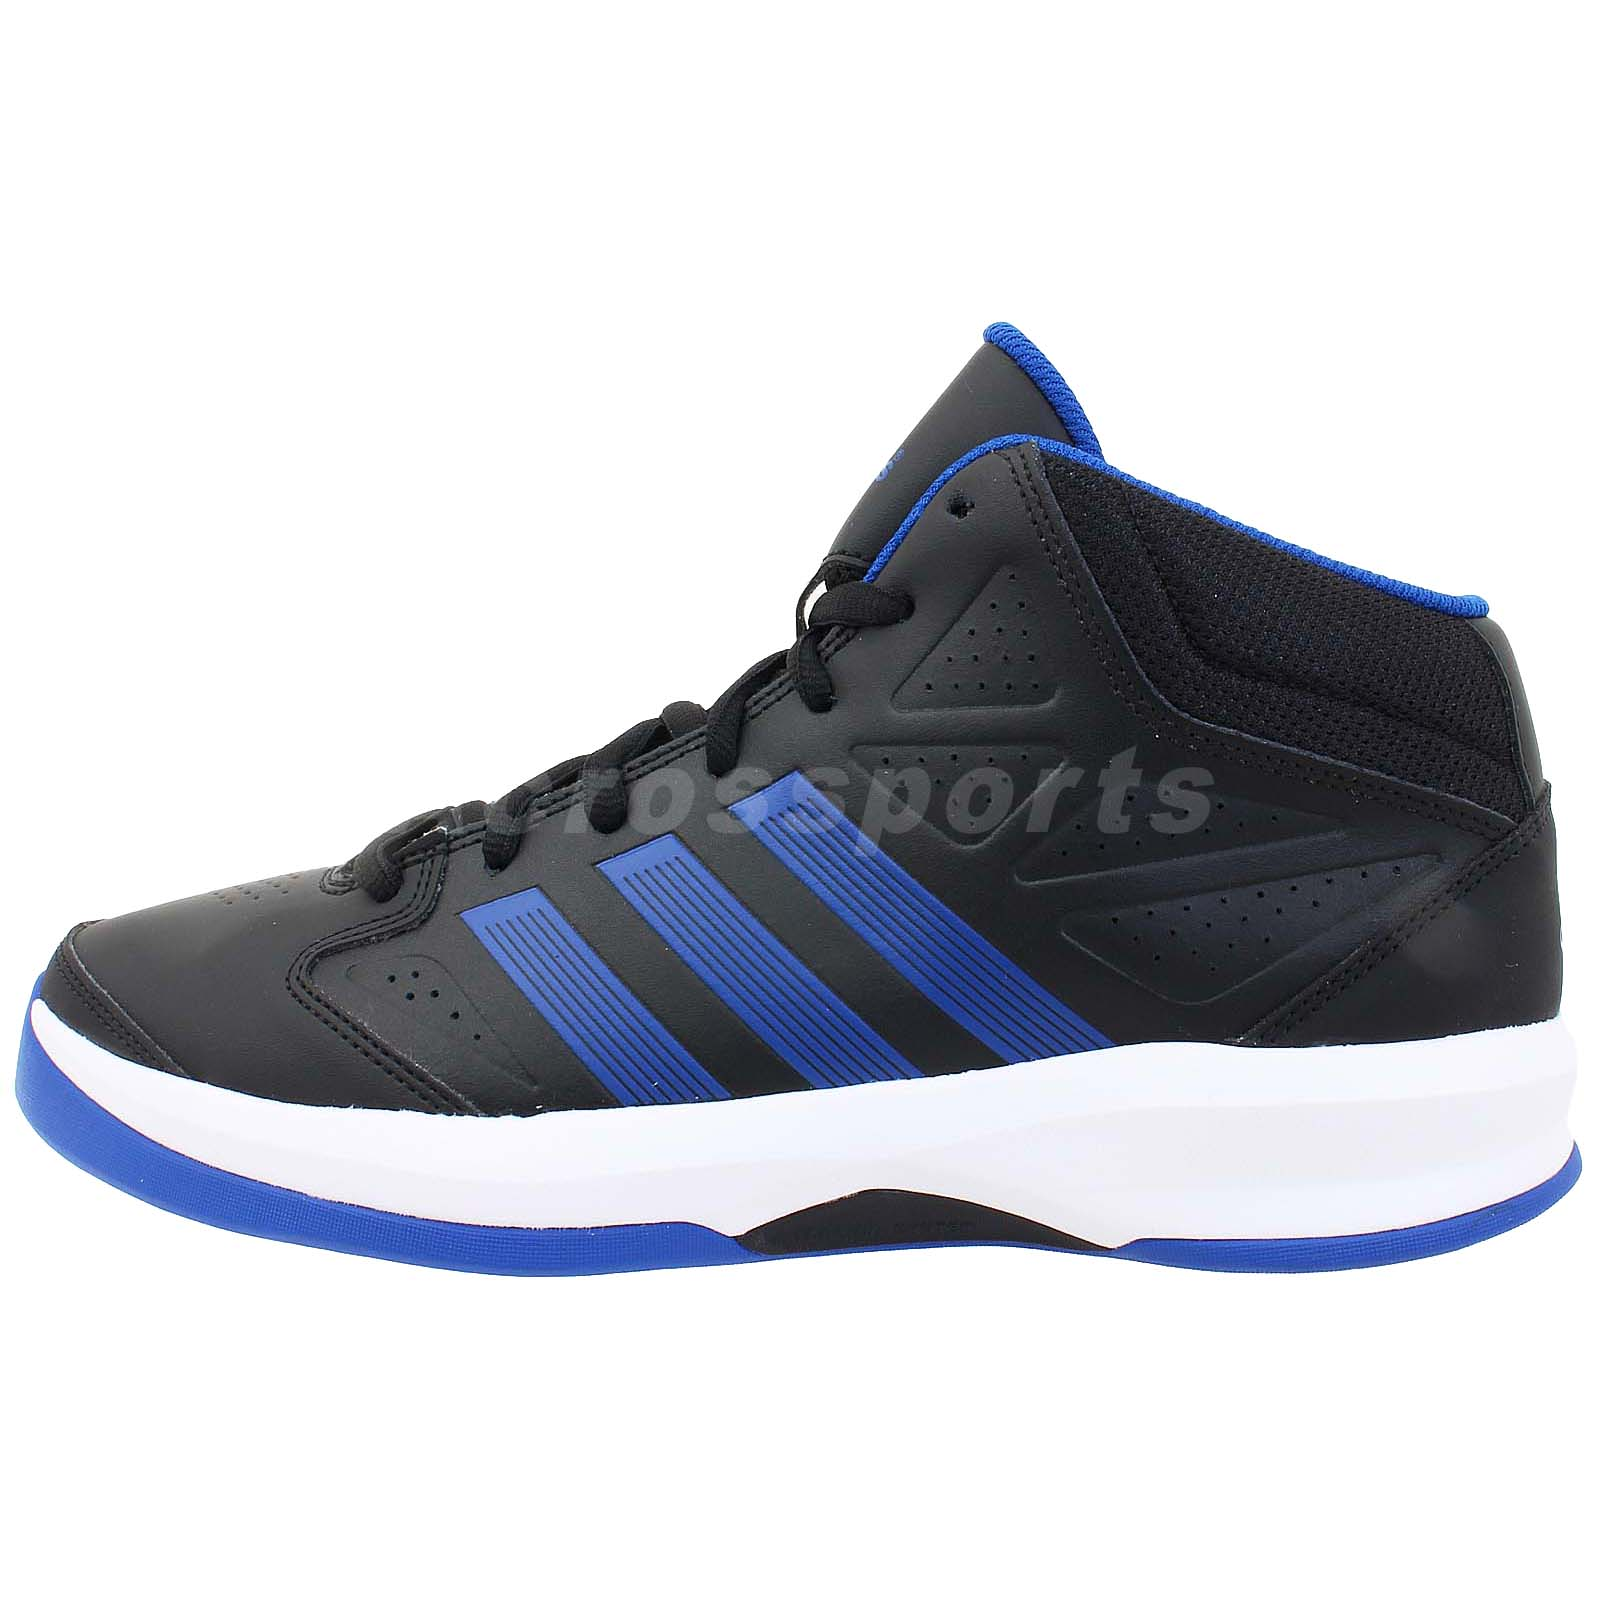 Adidas Isolation  Navy Blue Basketball Shoes